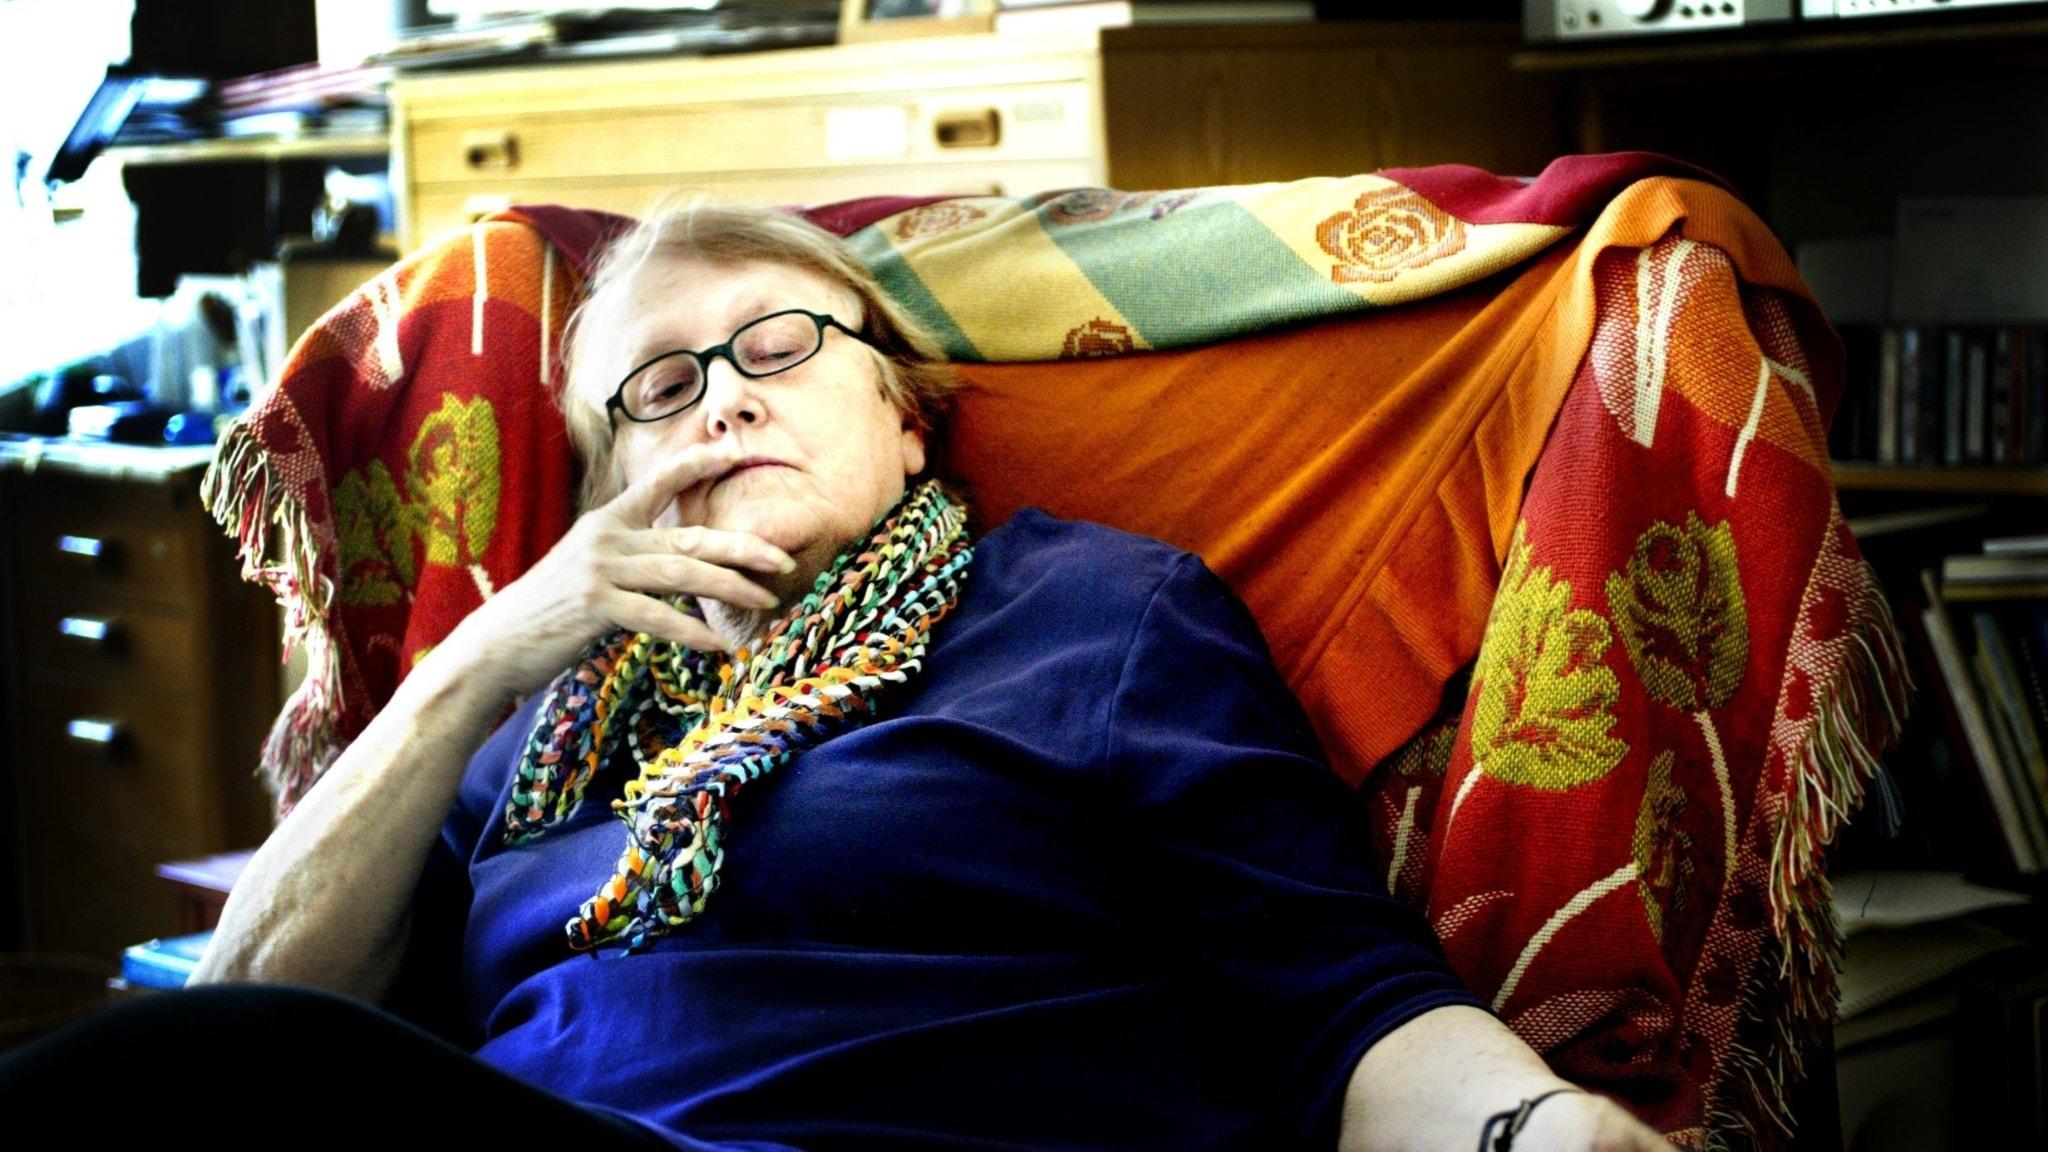 En äldre kvinna sitter i en stol med färgglada sjalar. Hon har ena fingret i mungipan och ser betänksam ut